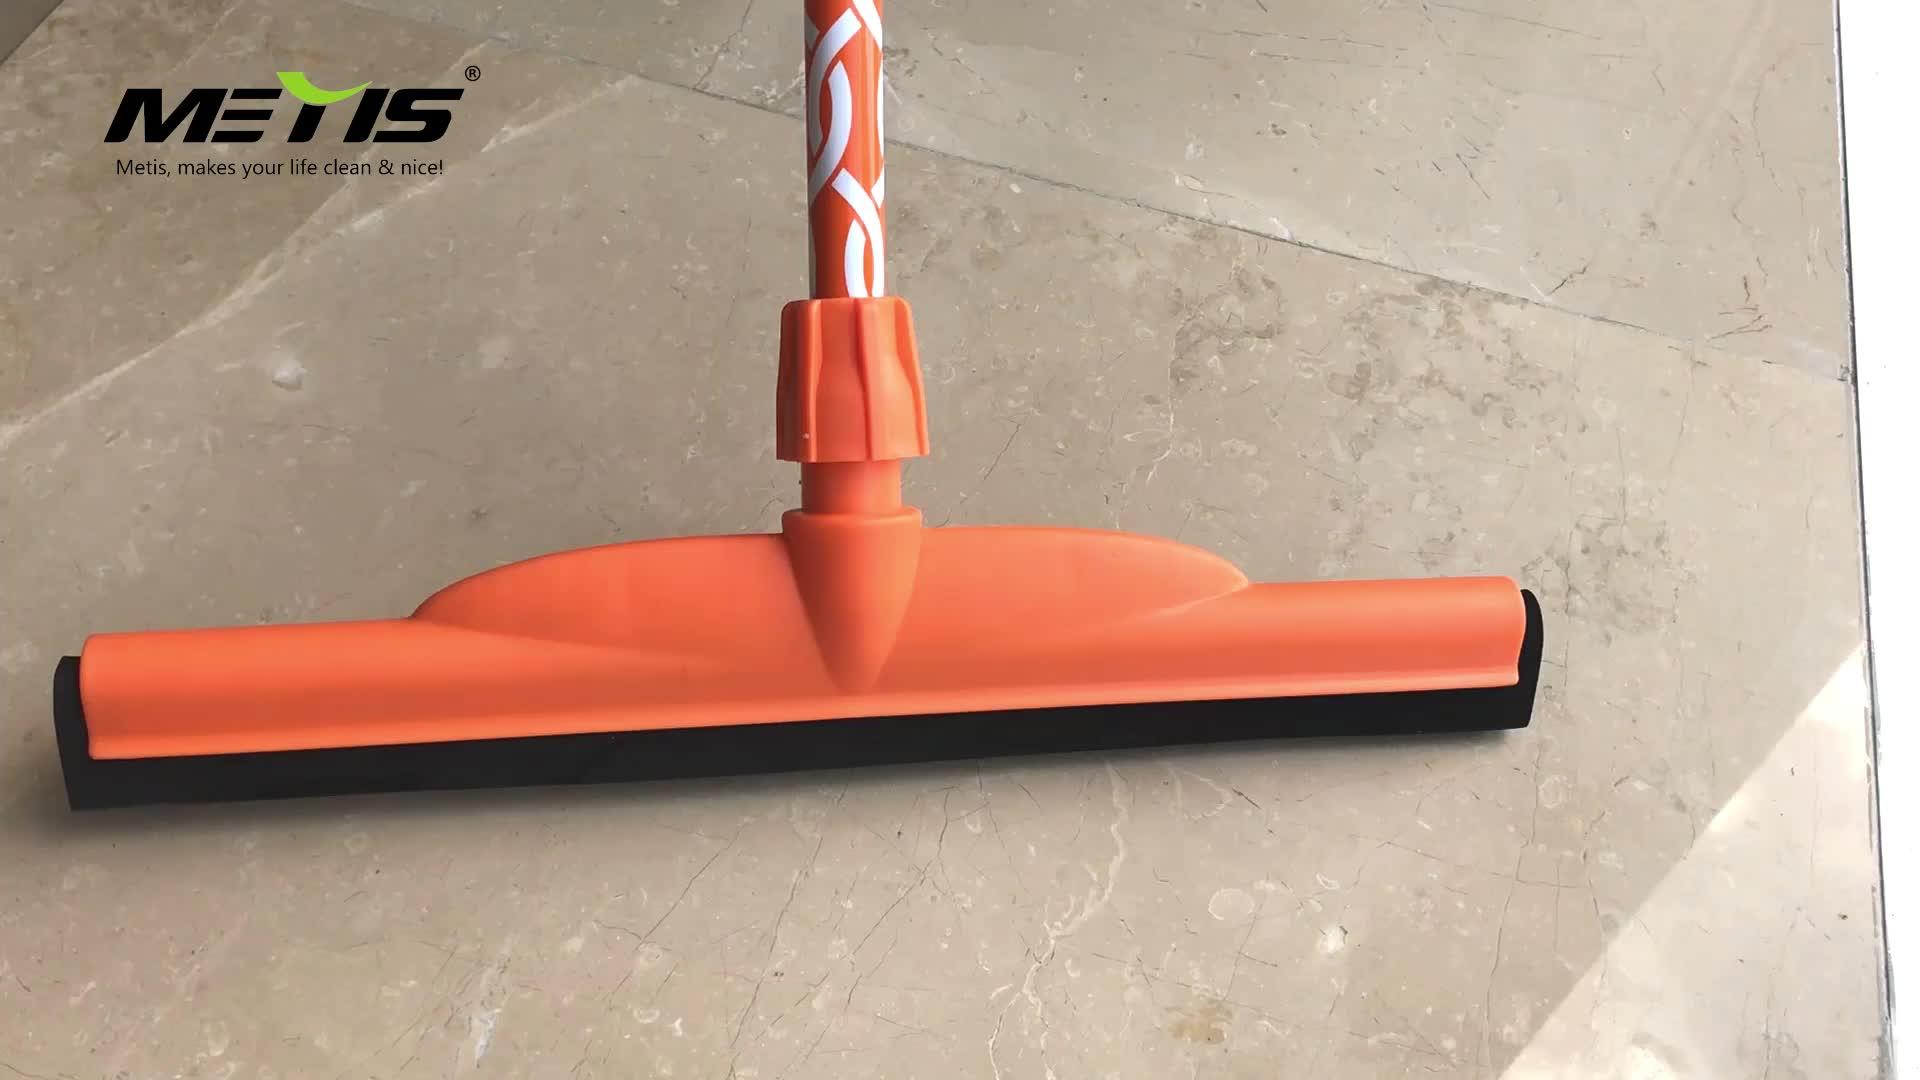 Weicher Doppelgummi-Gummischieber mit robustem Metallrahmen und Gewindemuffe Aluminiumklinge mit doppeltem faltbarem Schaumstoff